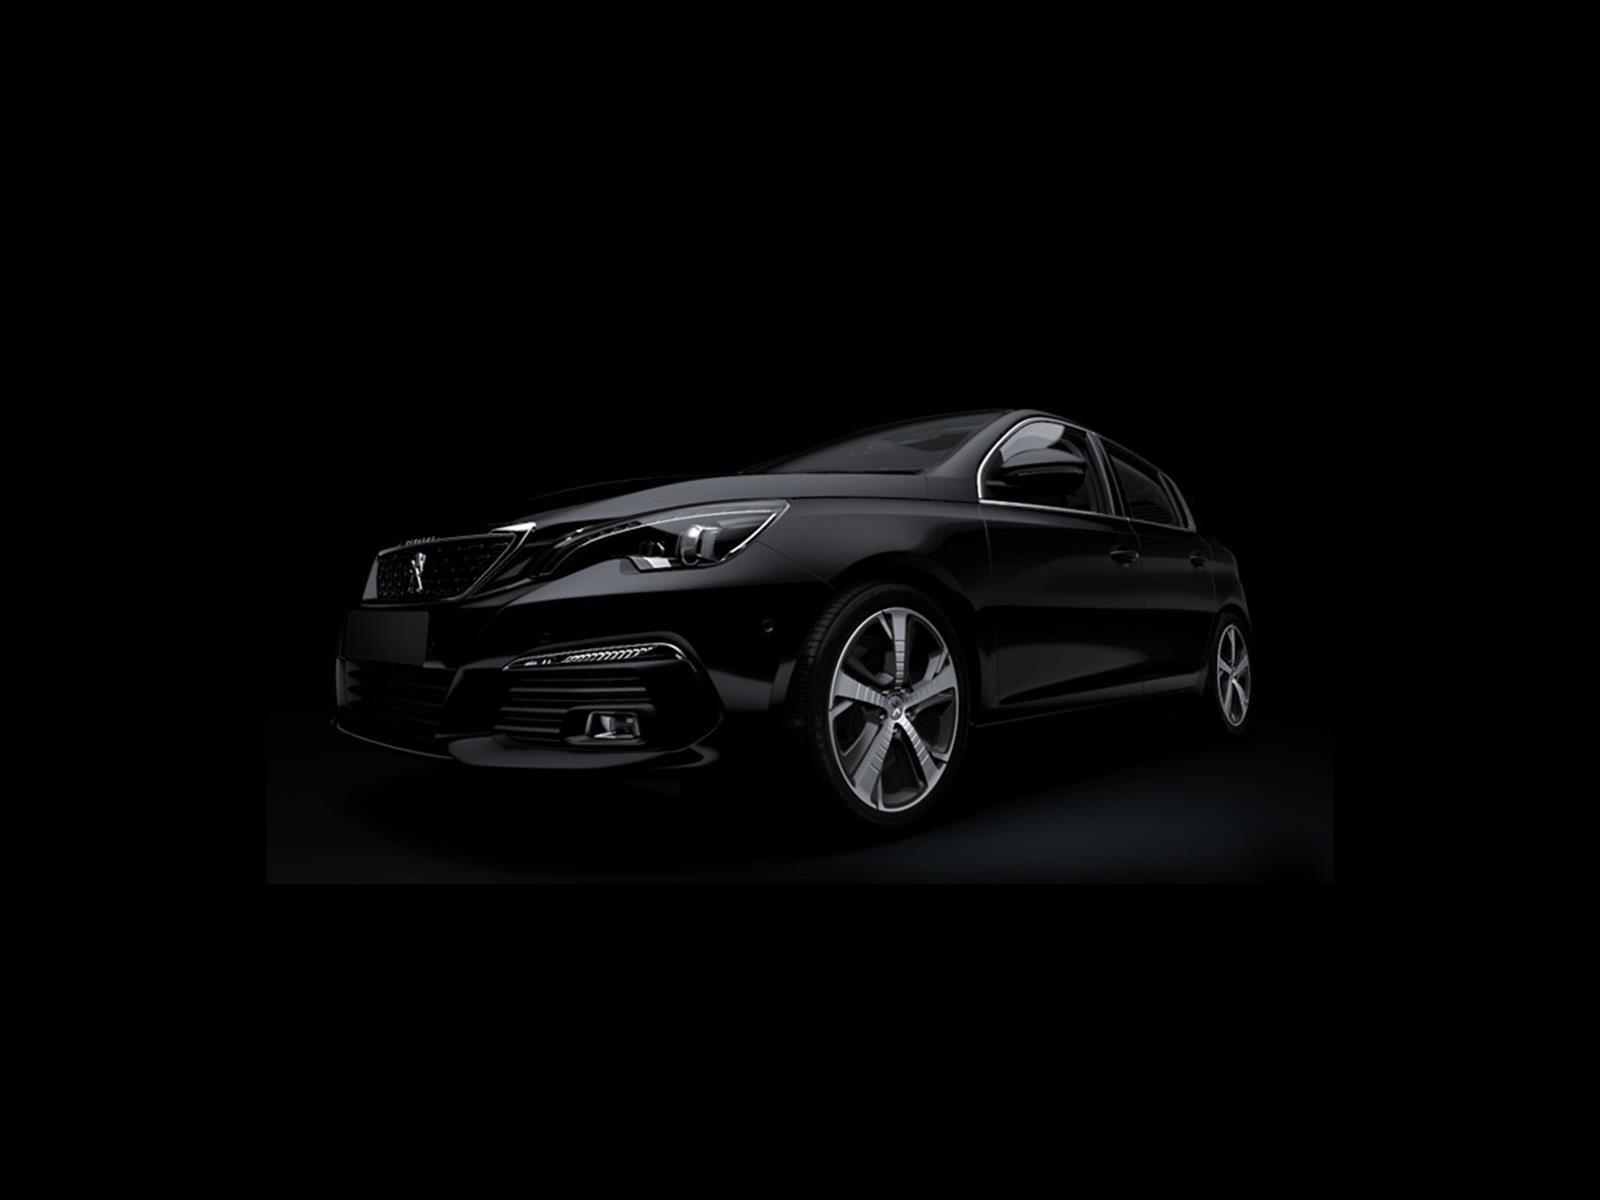 Este es el facelift del Peugeot 308